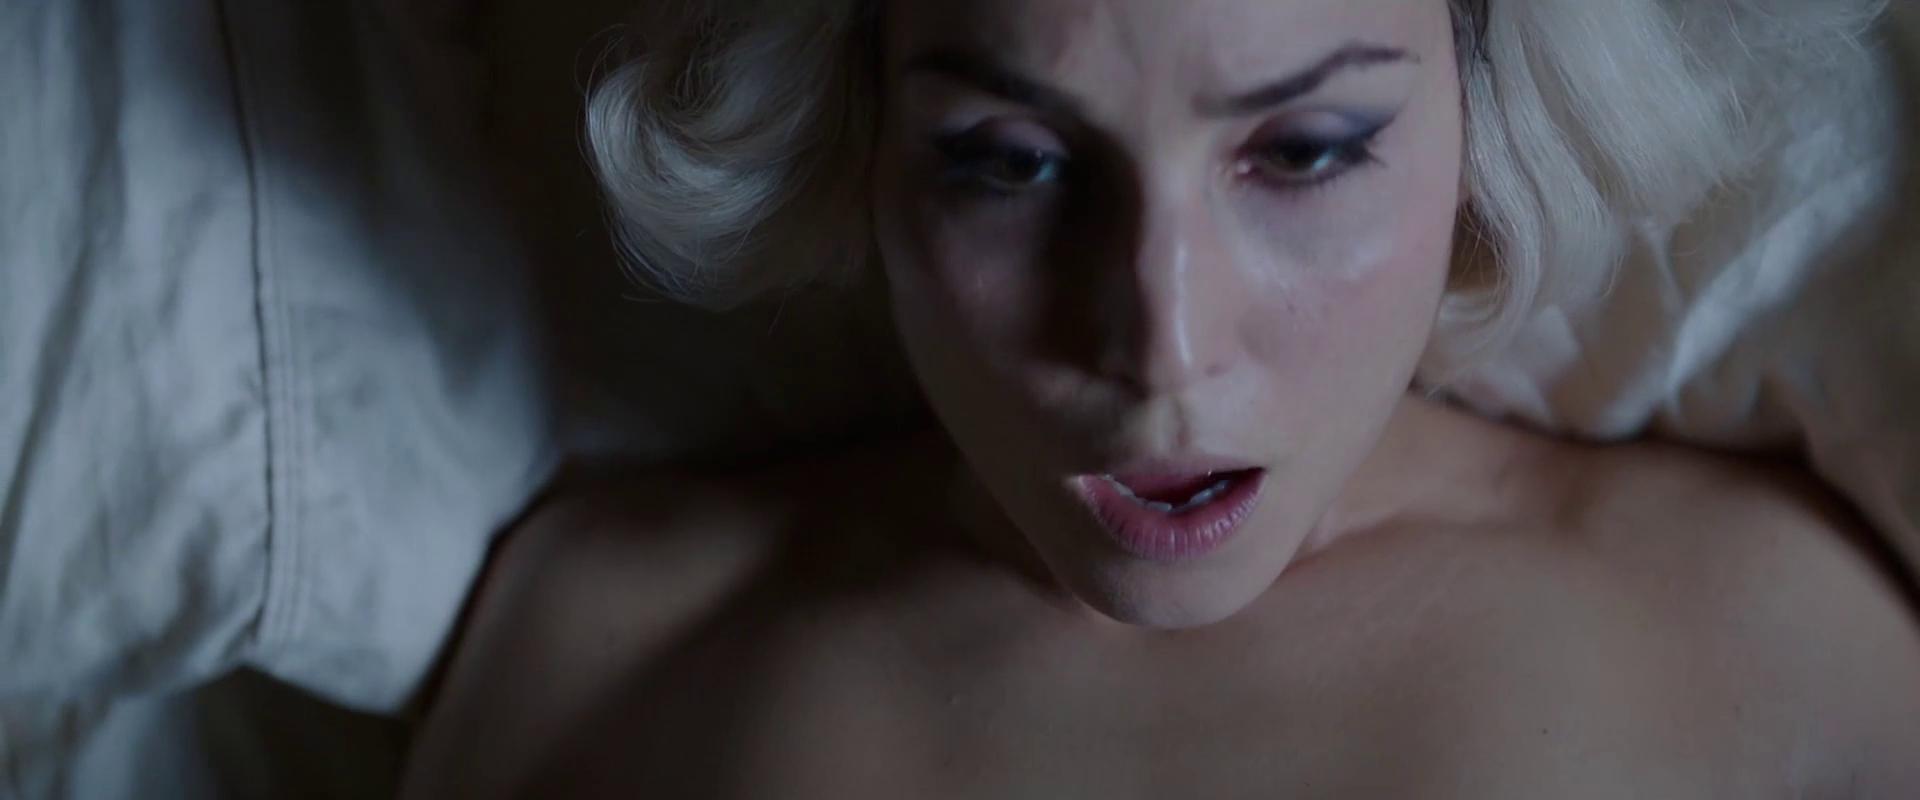 escena de sexo de celebridades putas nuevas